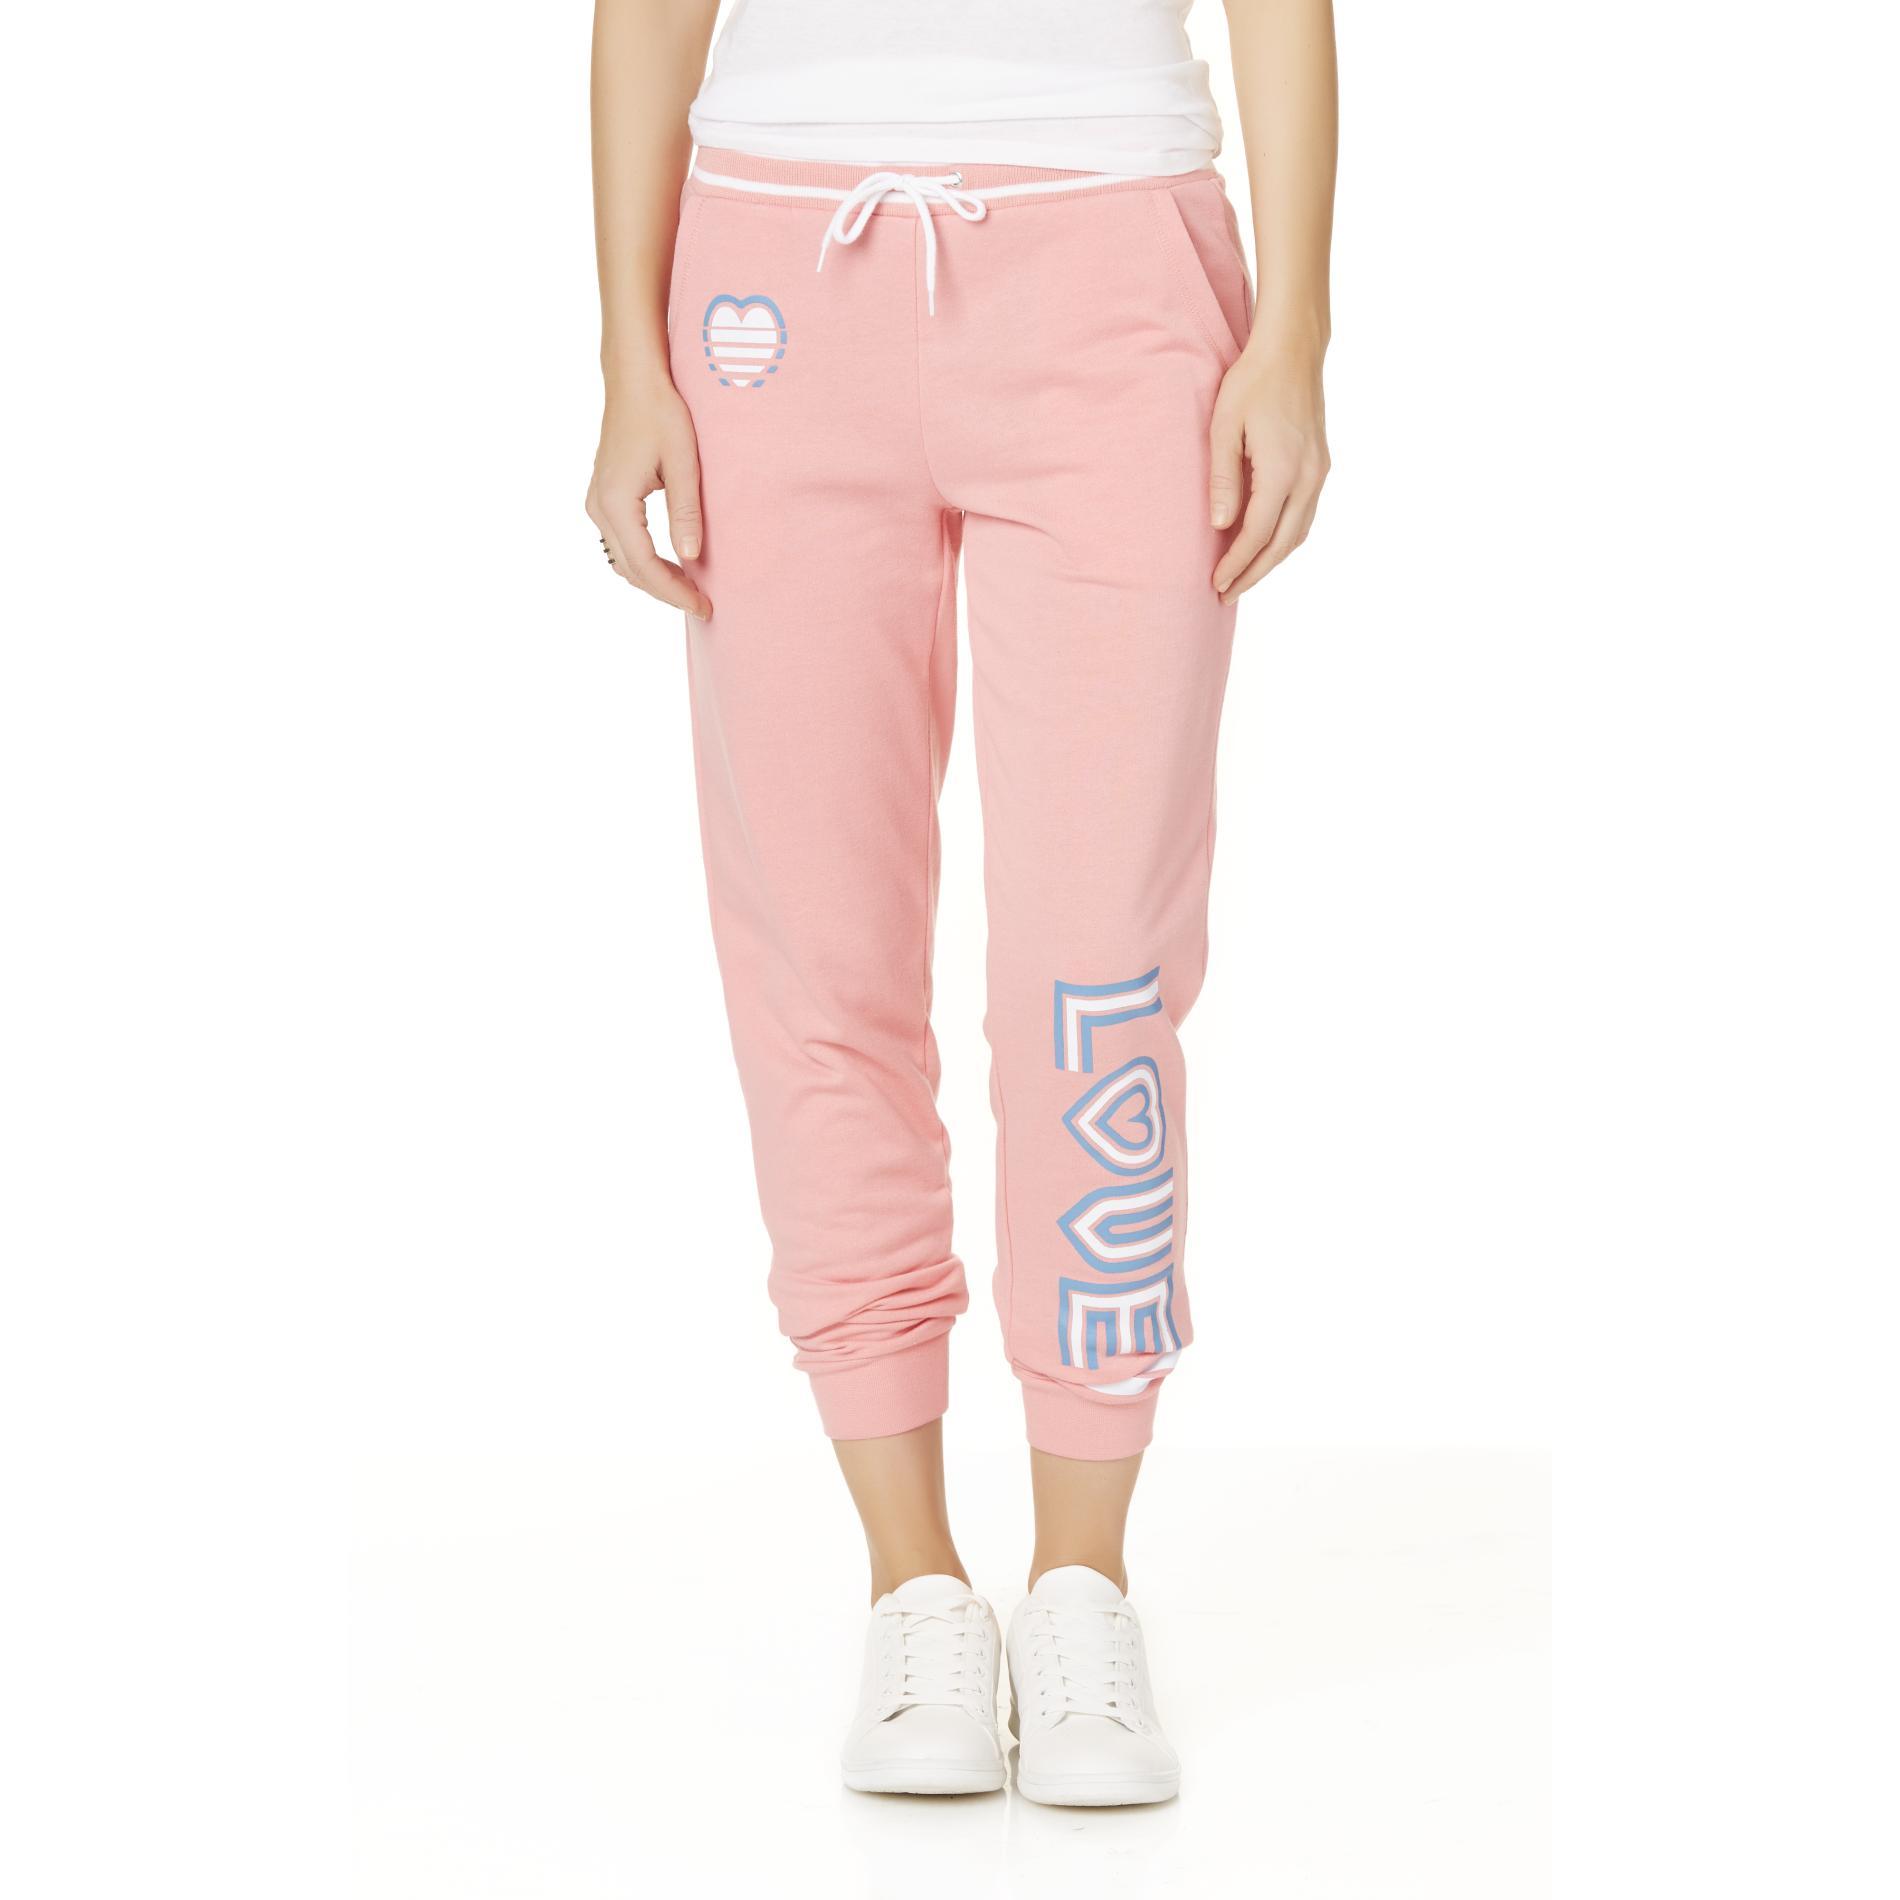 Joe Boxer Juniors' Fashion Jogger Pants - Love PartNumber: 027VA94927012P MfgPartNumber: WS7JB53020JR